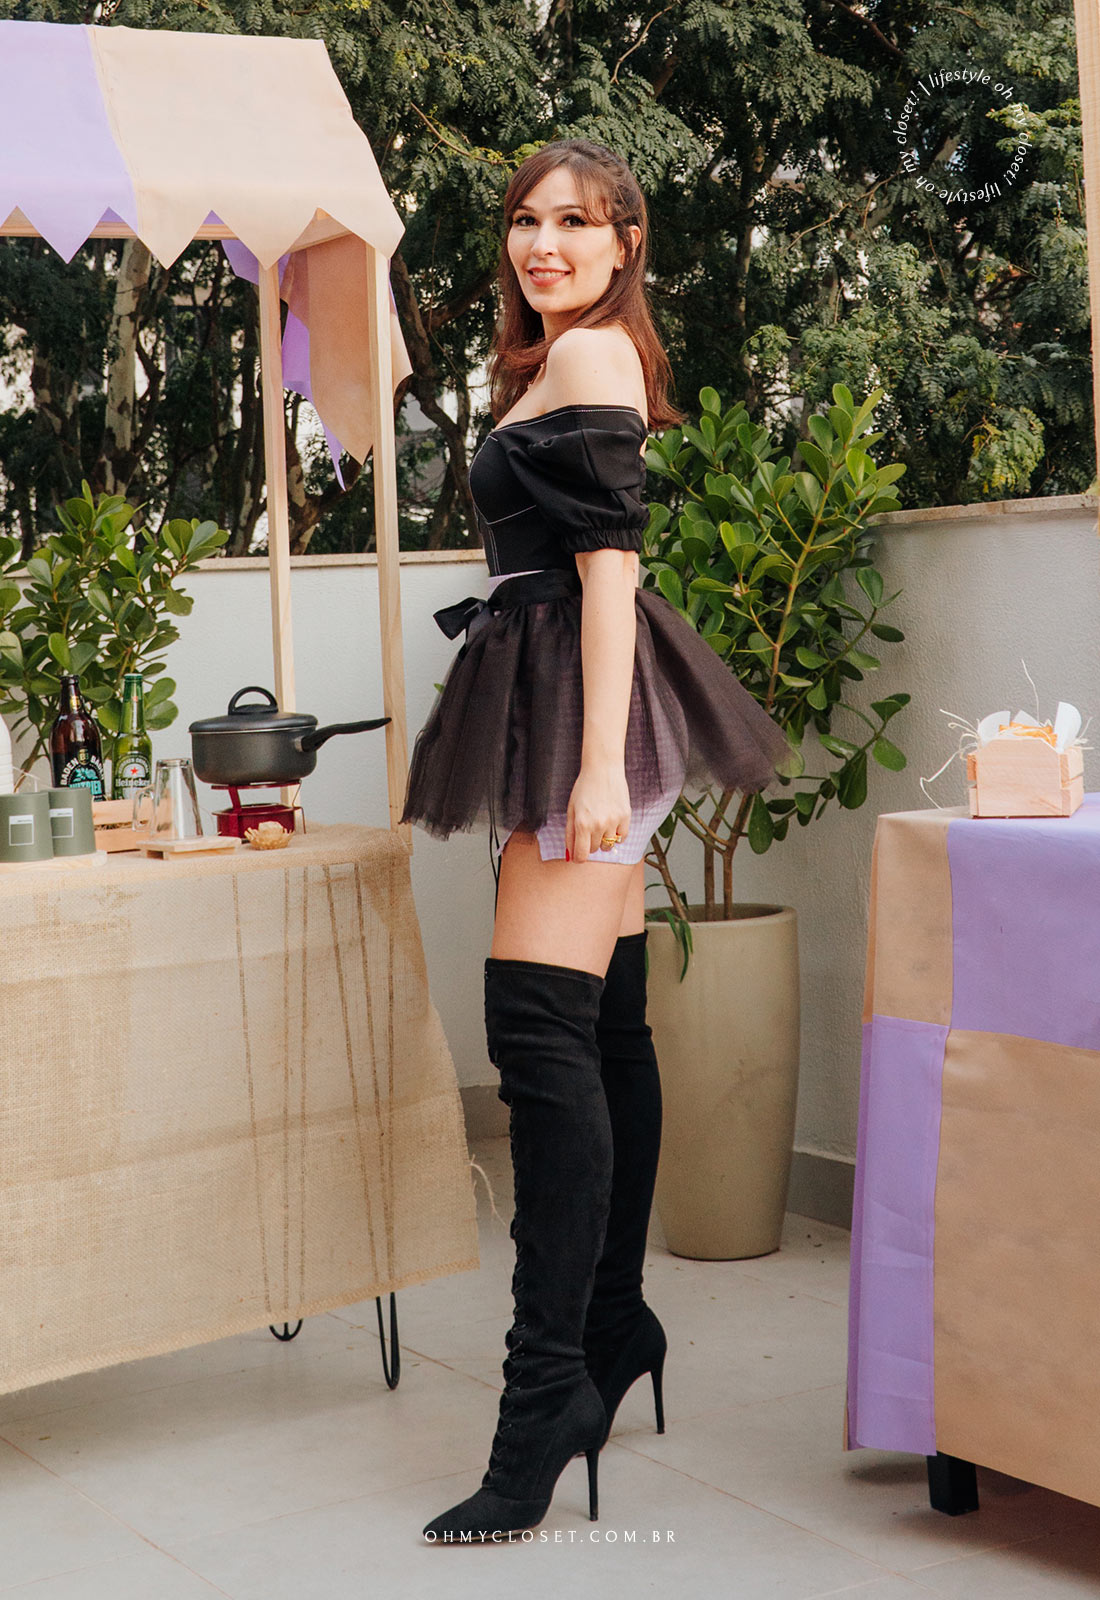 Outro angulo do look com saia de tule preta, feita em casa, para festa junina. by Monica Almeida